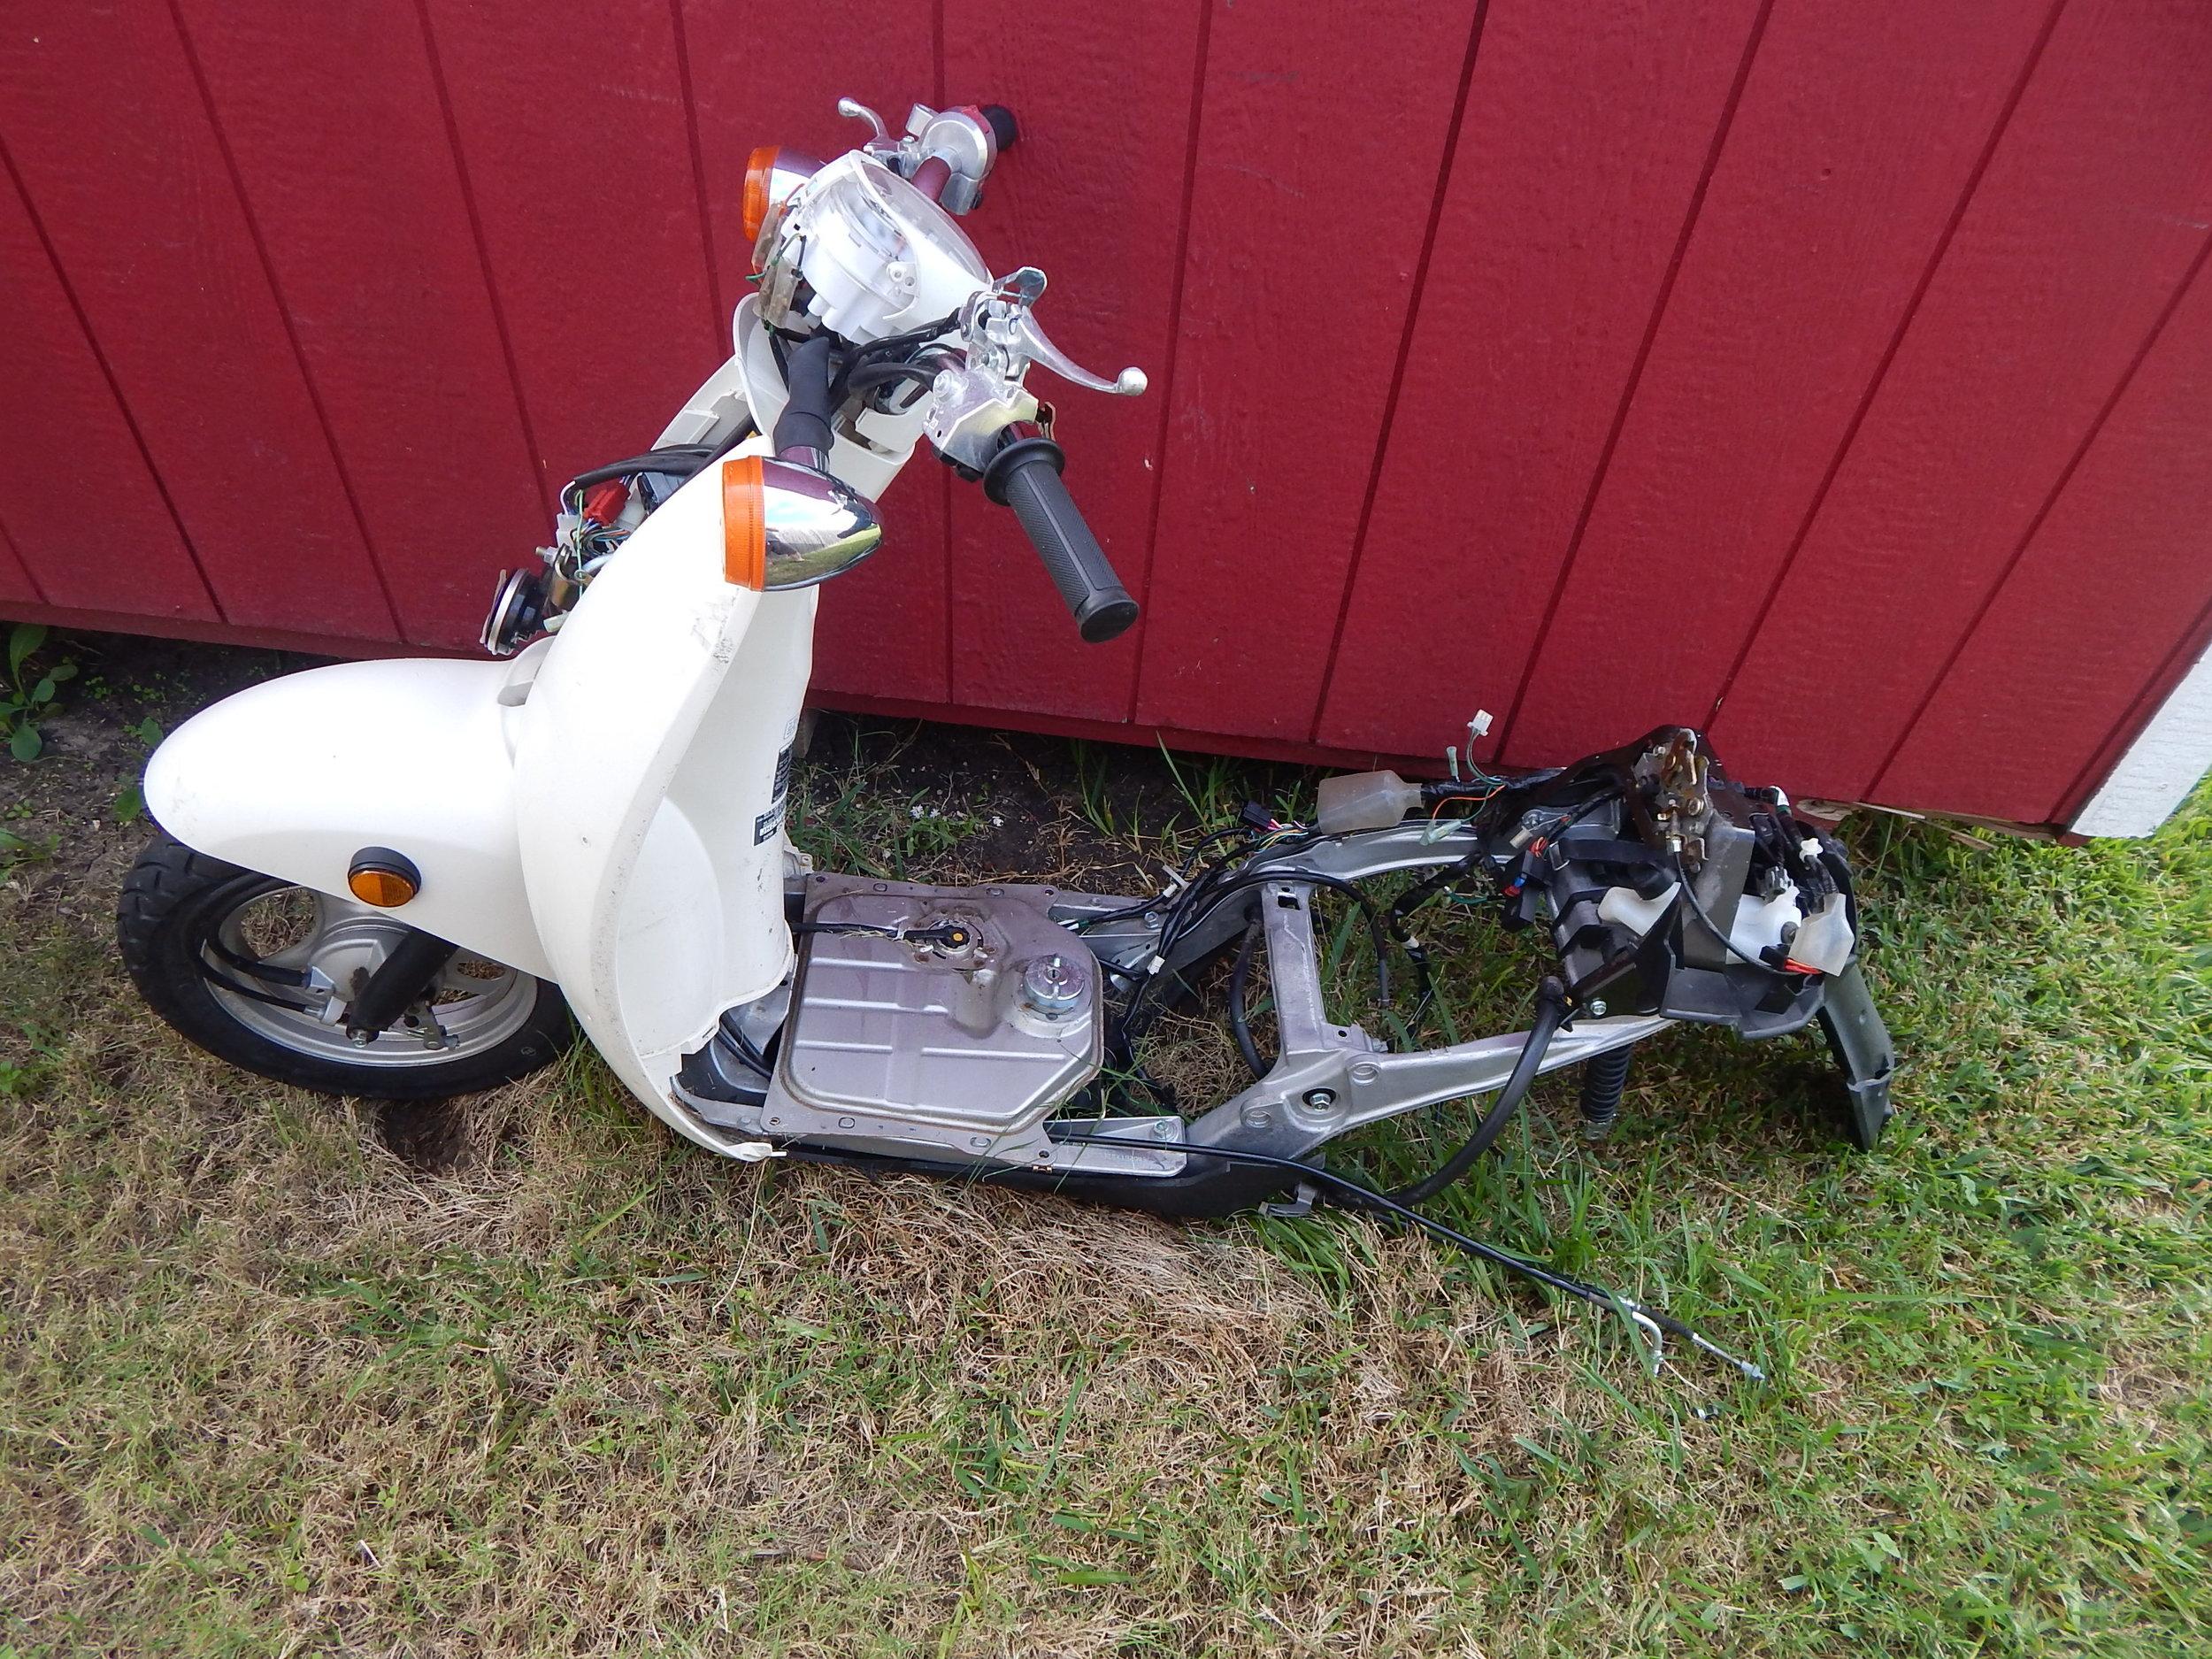 10-18-2016 patrick honda metropolitan parts bike (9).JPG